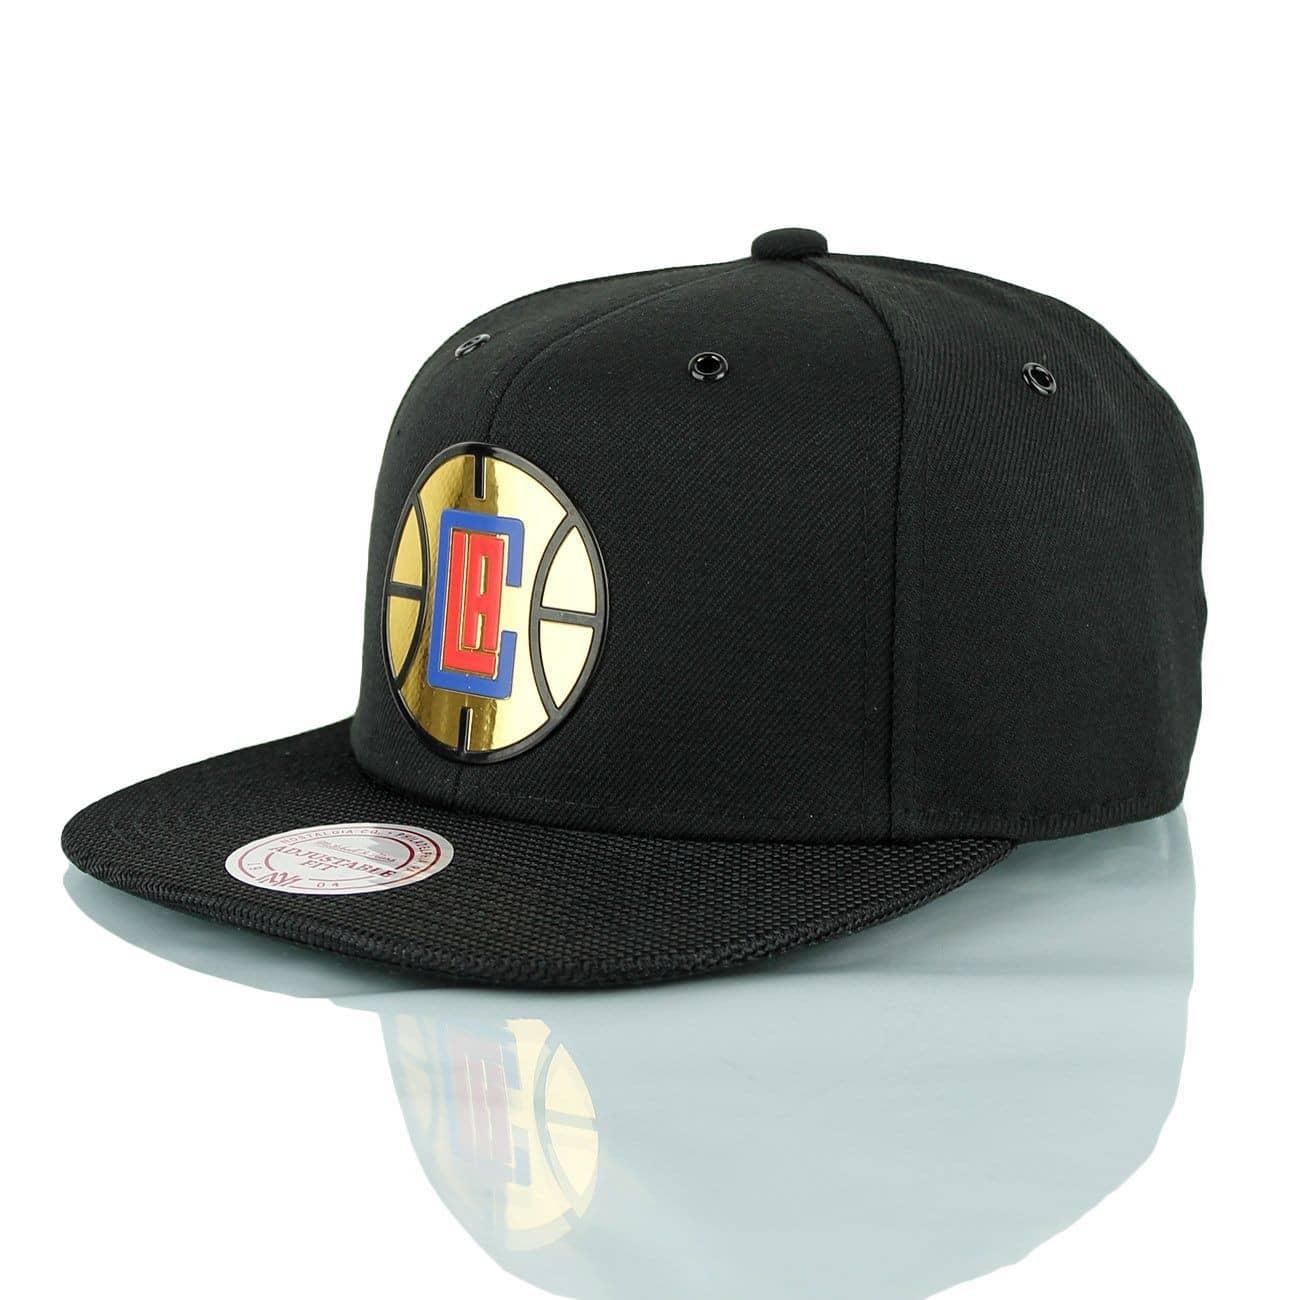 d3f6951ba4b92 Mitchell   Ness Los Angeles Clippers Carat Snapback NBA Cap